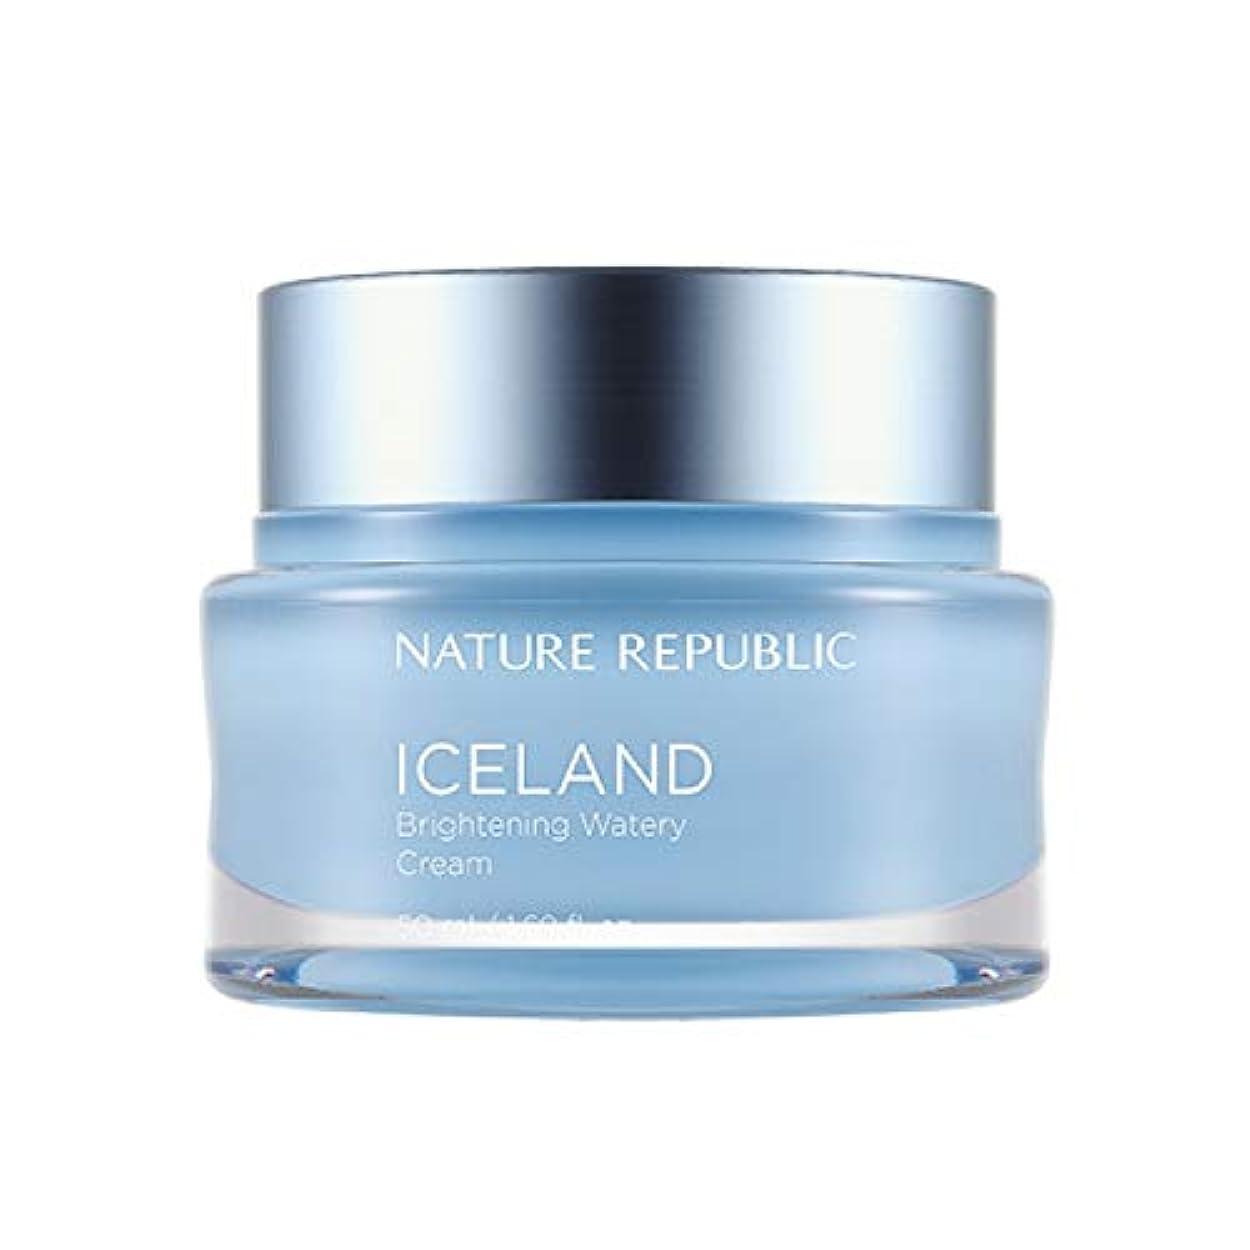 アスレチックはっきりとバンガローネイチャーリパブリック(Nature Republic)アイスブライトニング水分クリーム 50ml / Iceland Brightening Watery Cream 50ml :: 韓国コスメ [並行輸入品]